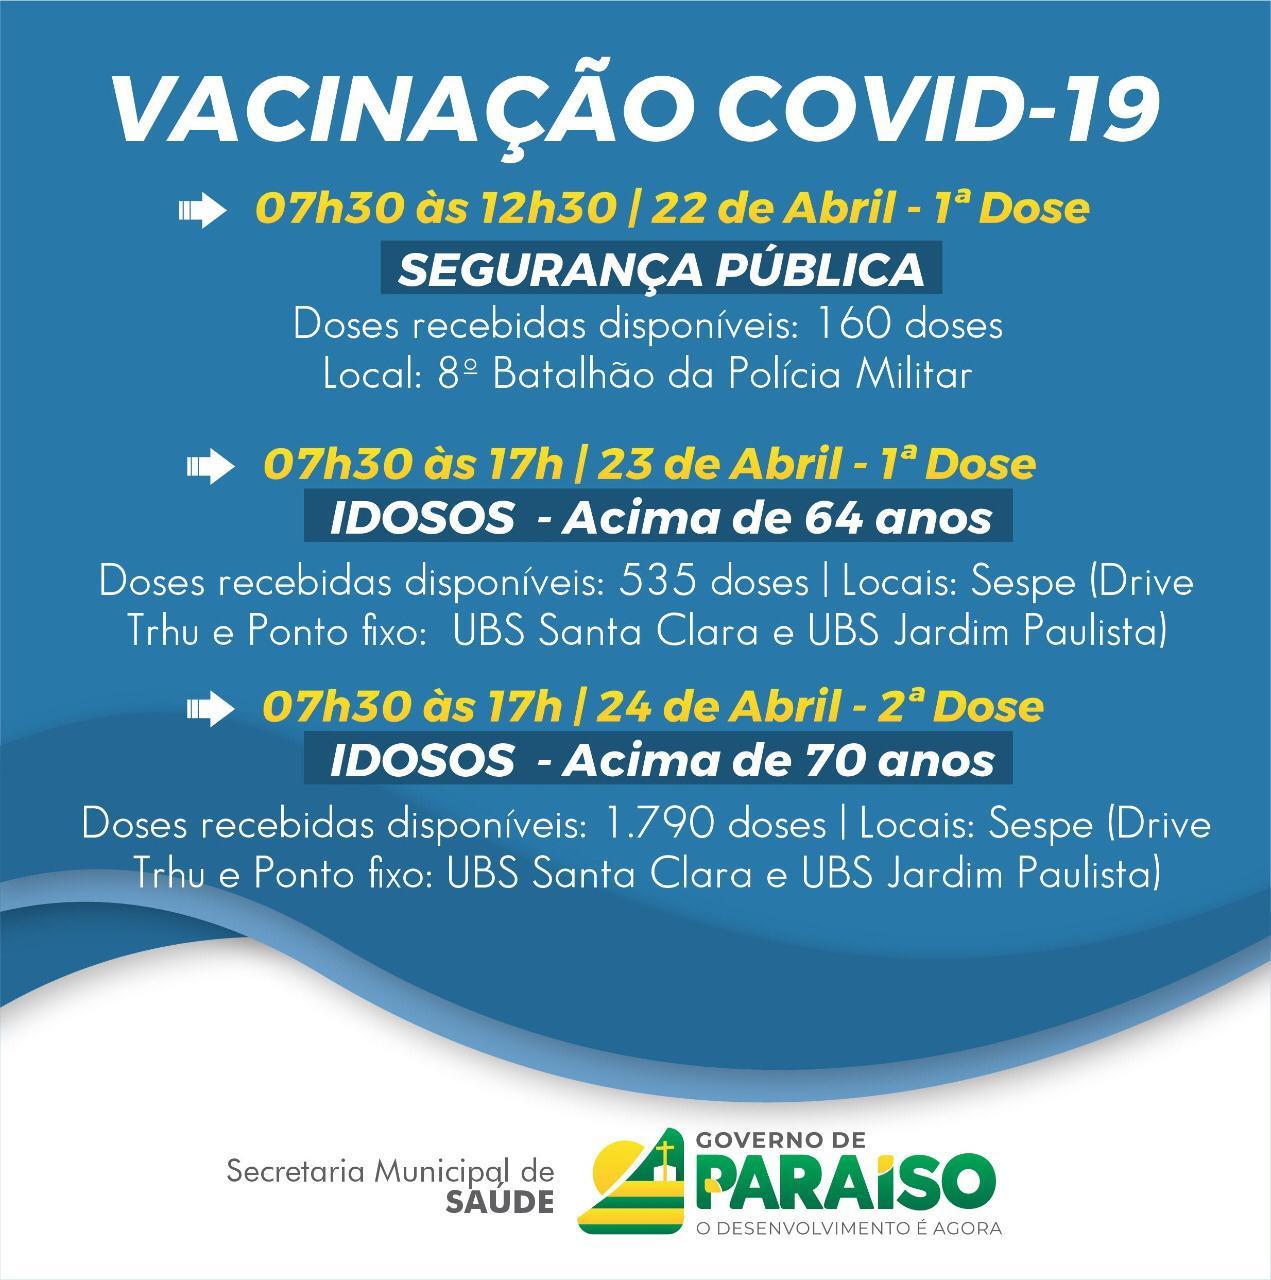 Covid-19: Saúde de Paraíso atualiza cronograma de vacinação e inclui idosos a partir de 64 anos